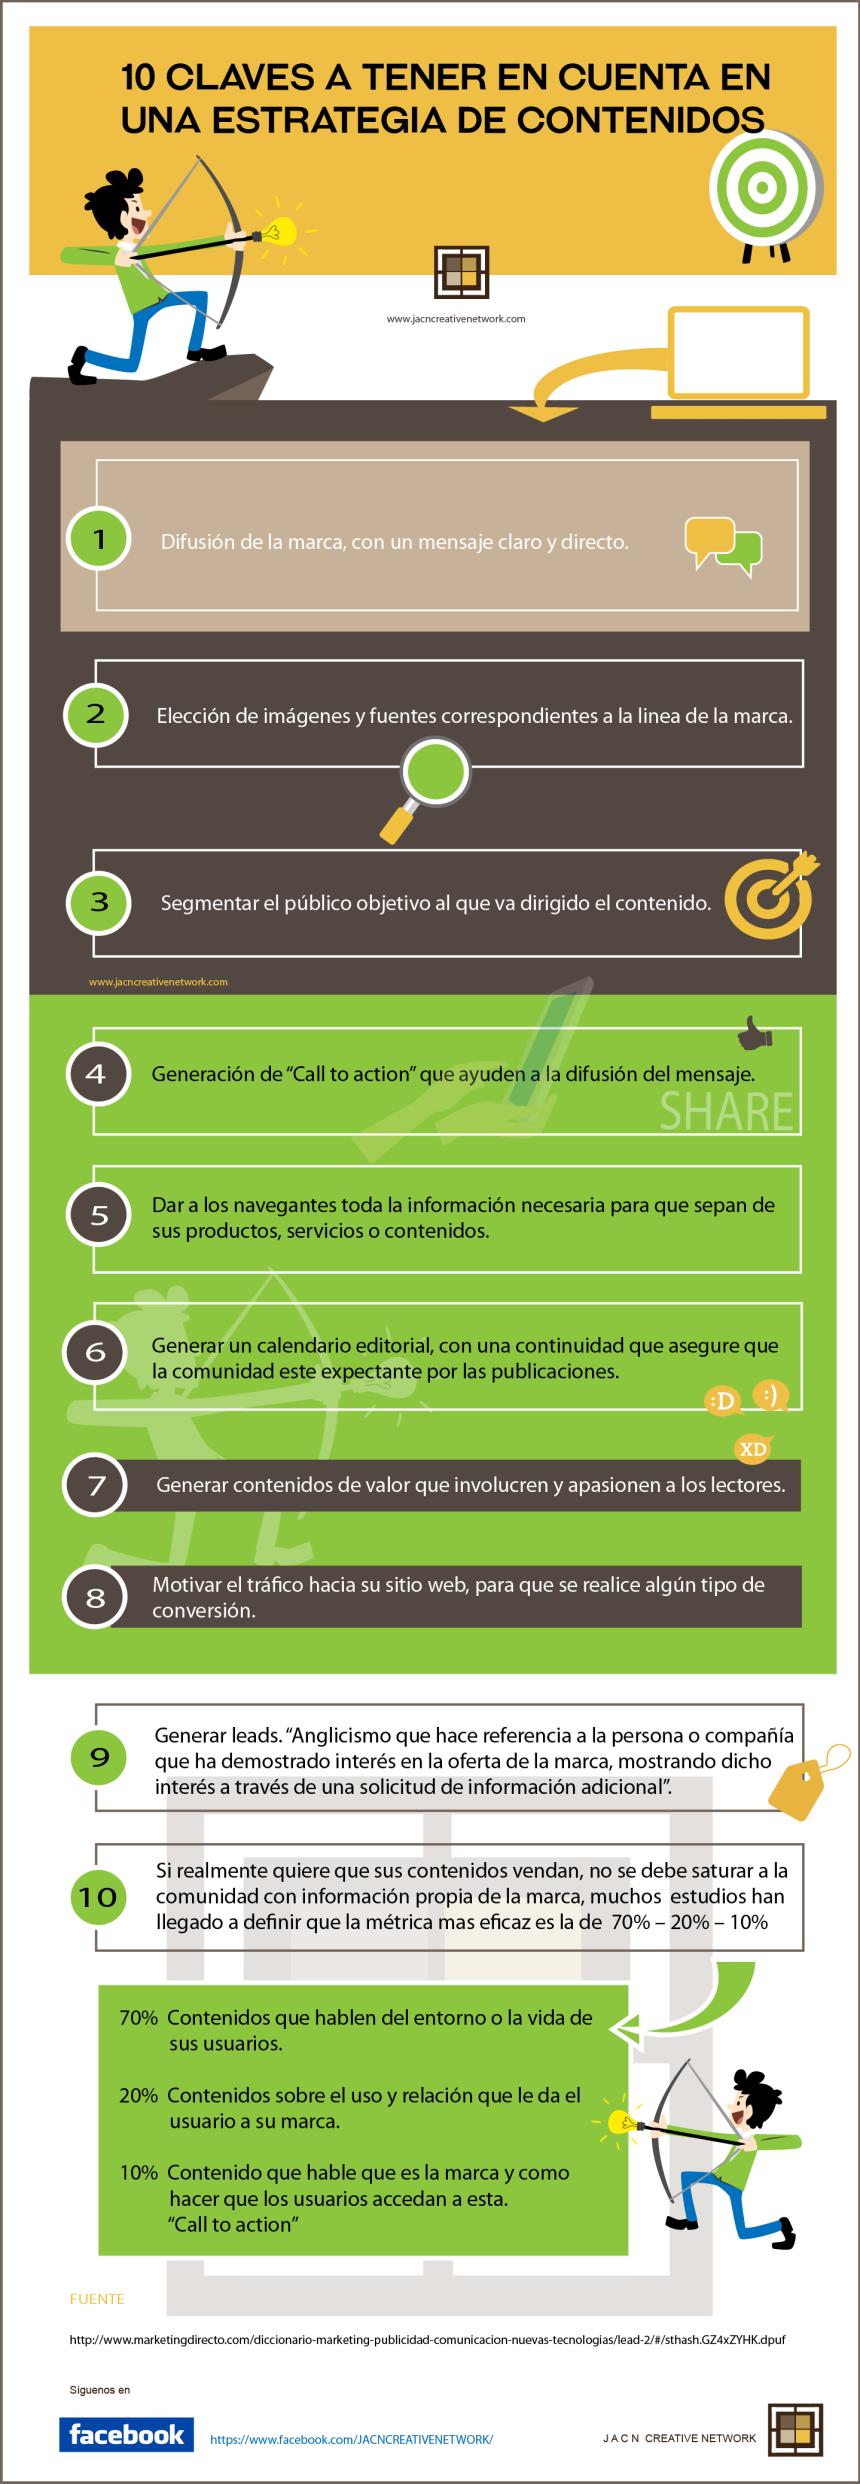 10 claves a tener en cuenta en una estrategia de contenidos